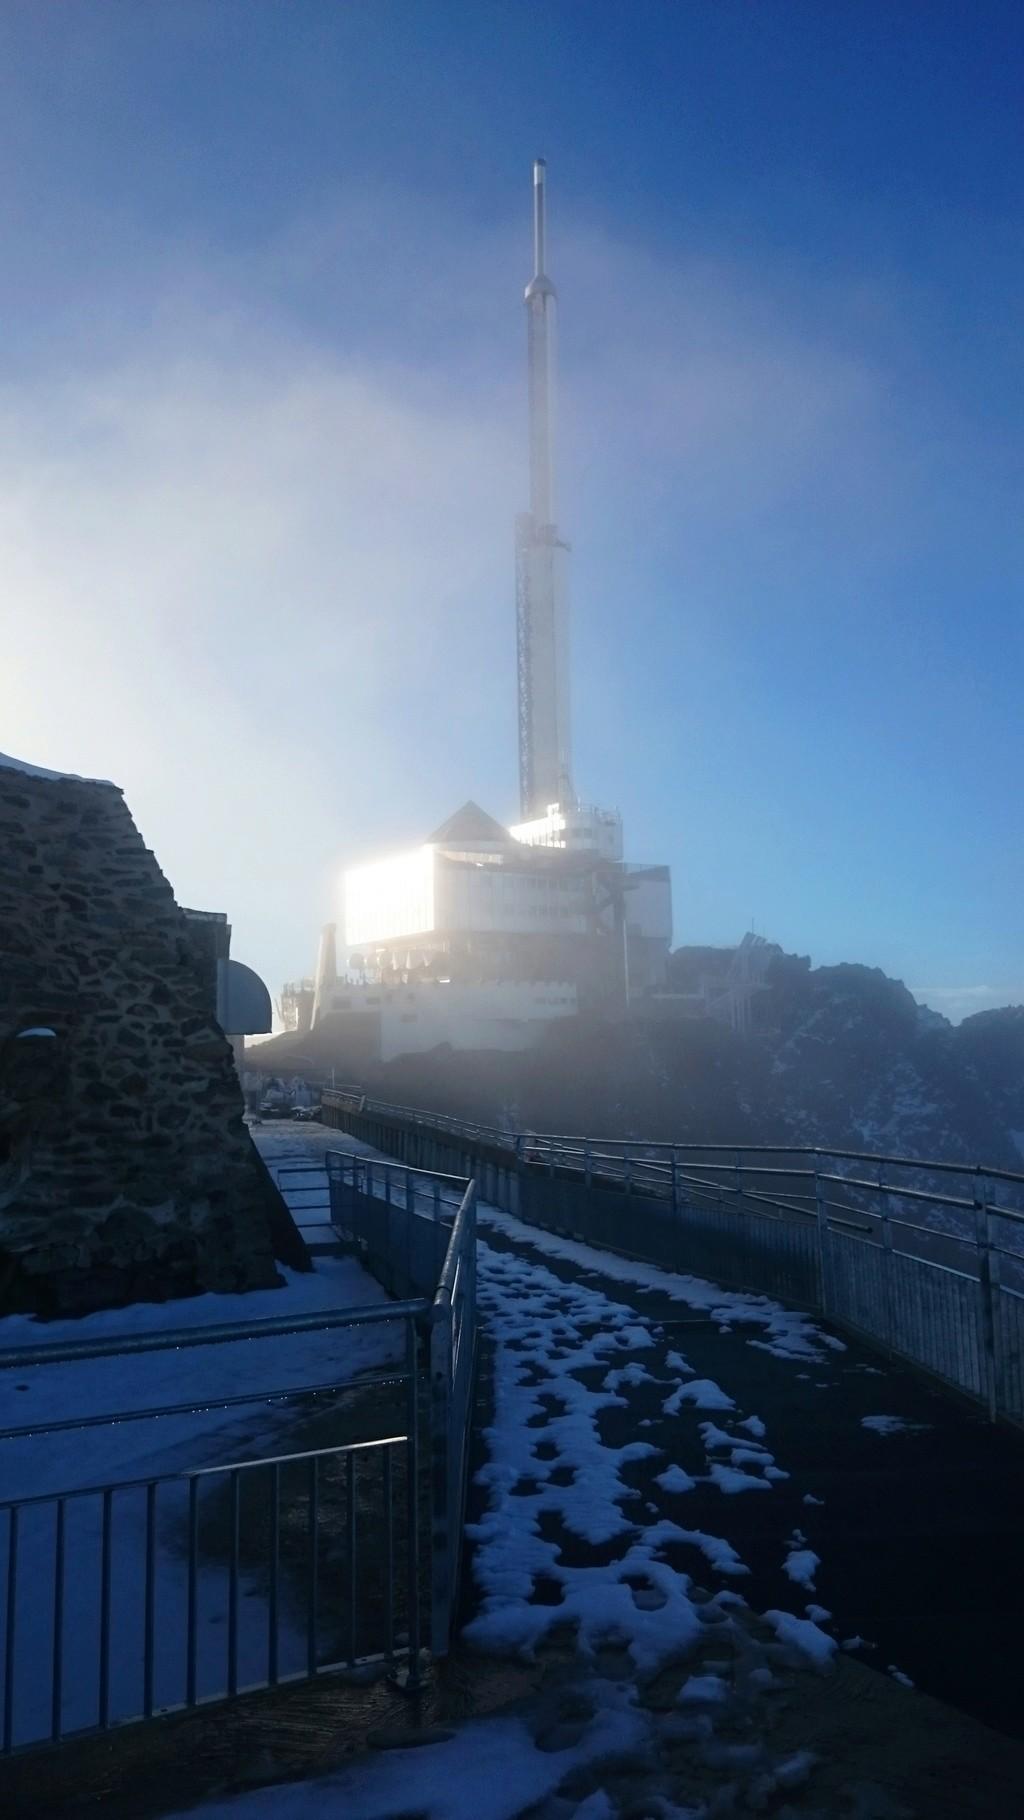 Quatrième mission au Pic du Midi, T60, semaine 42 - Page 2 Dsc_0127